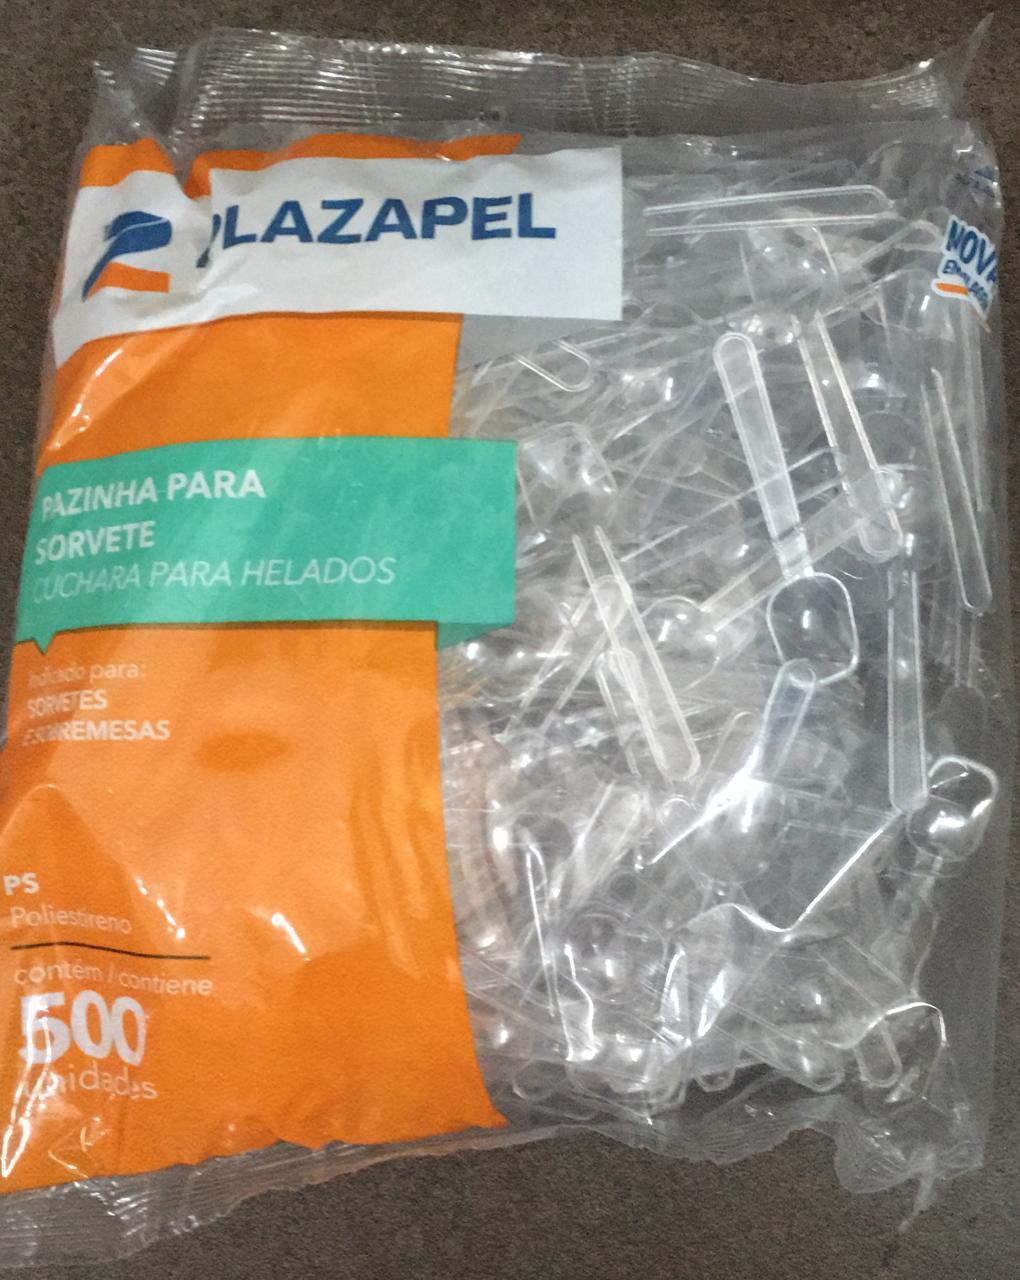 PAZINHA PLASTICA CRISTAL  PCT 500 UND PLAZAPEL